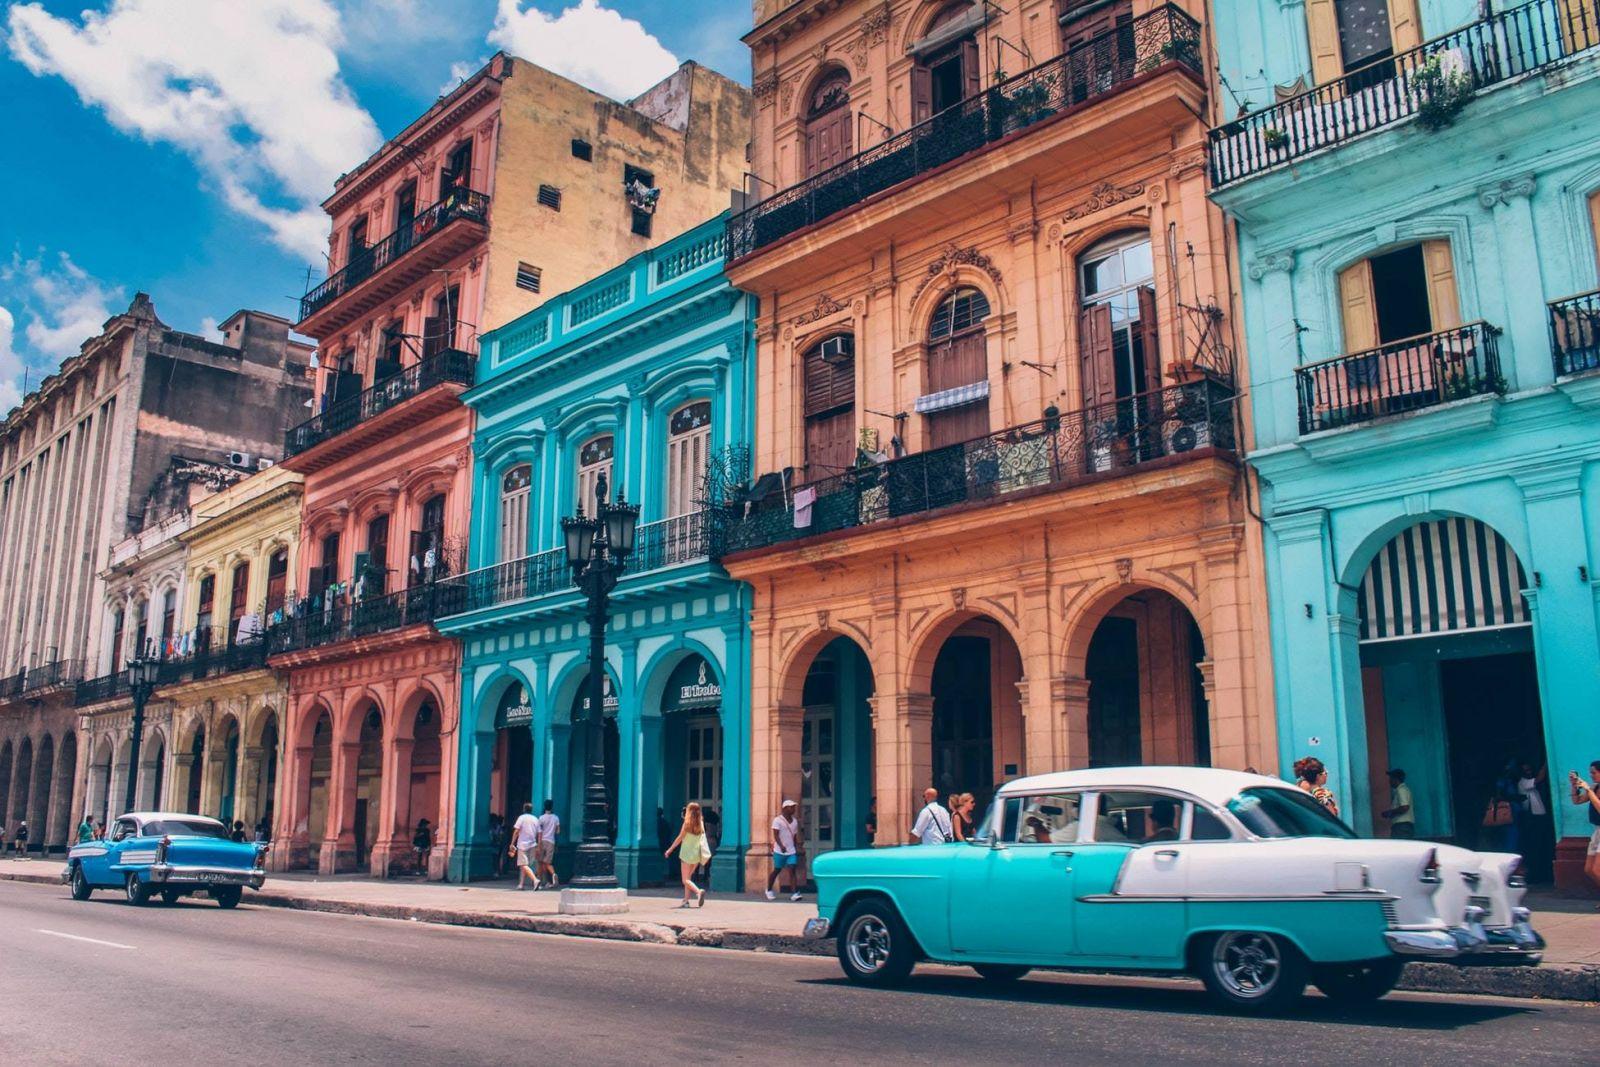 مدينة هافانا - كوبا